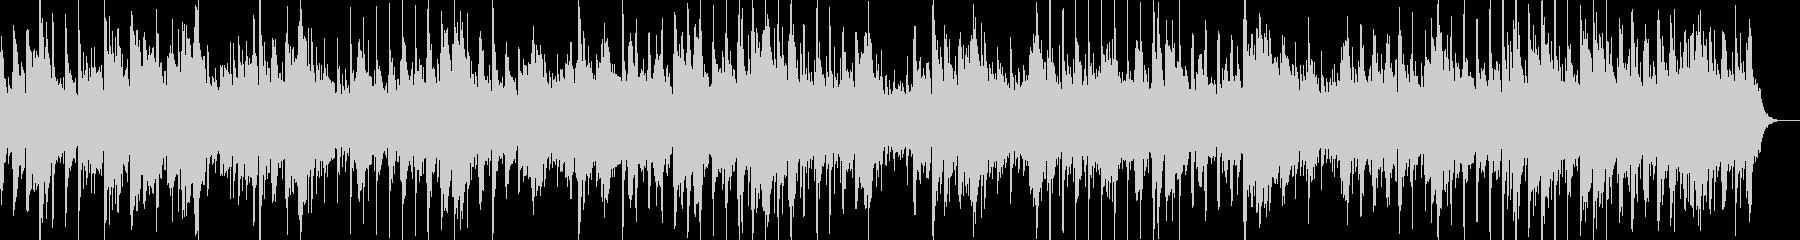 シンプルなアコースティックサウンドの未再生の波形